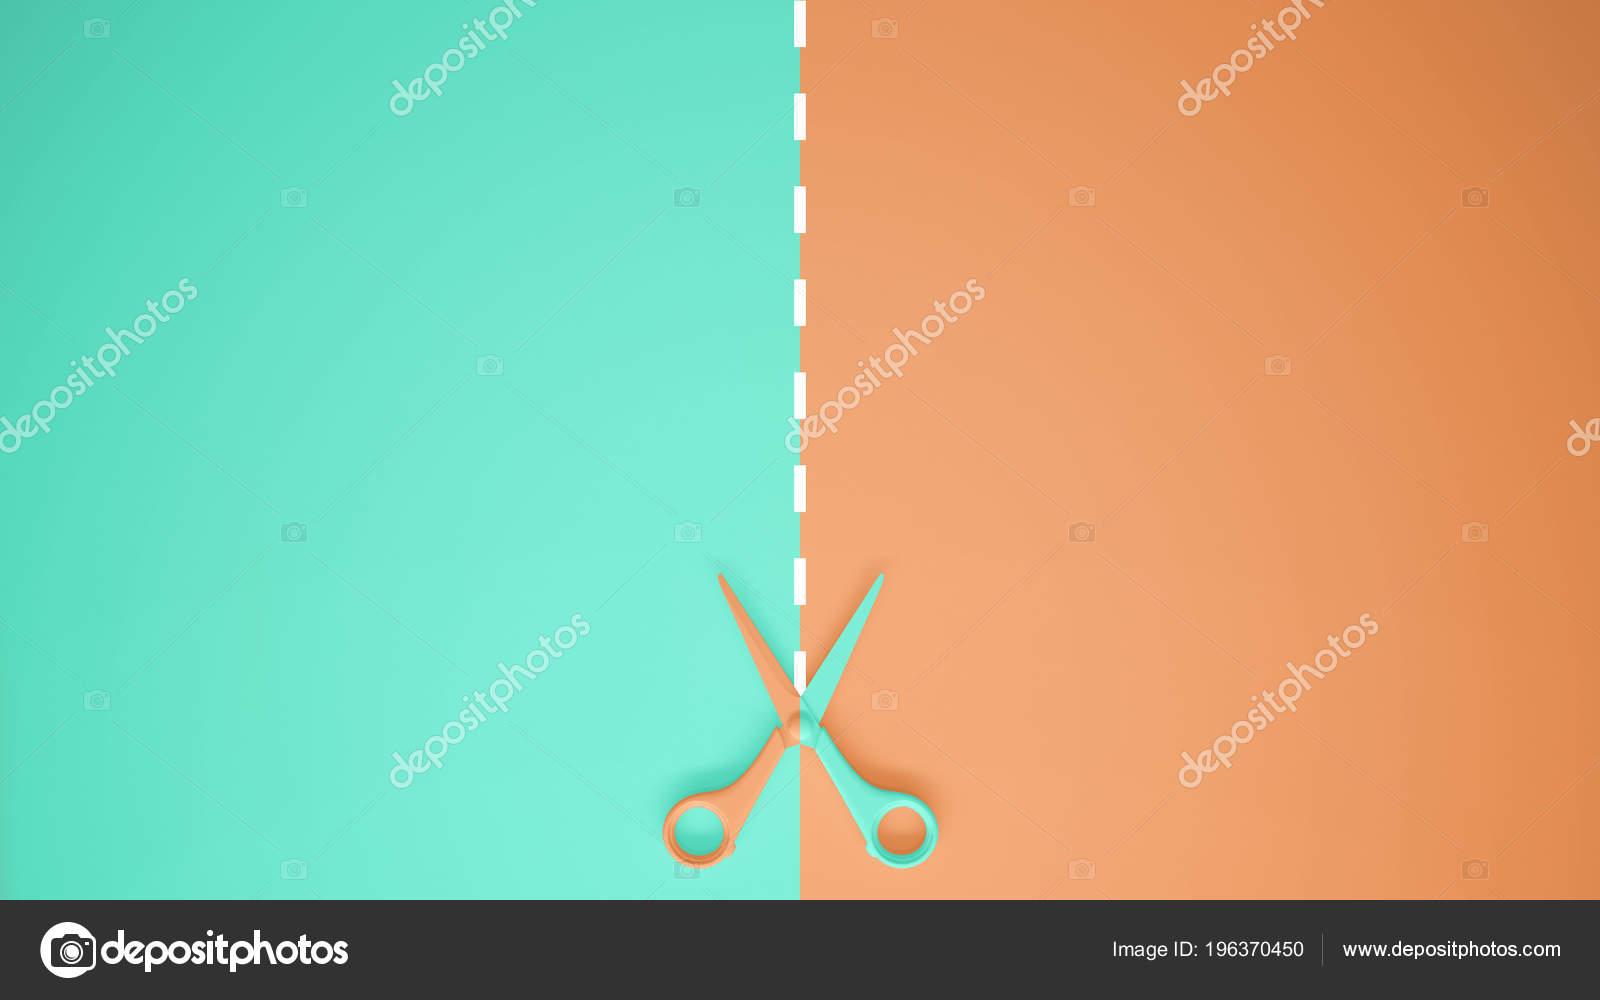 Scissors Cut Lines Pastel Turquoise Orange Colored